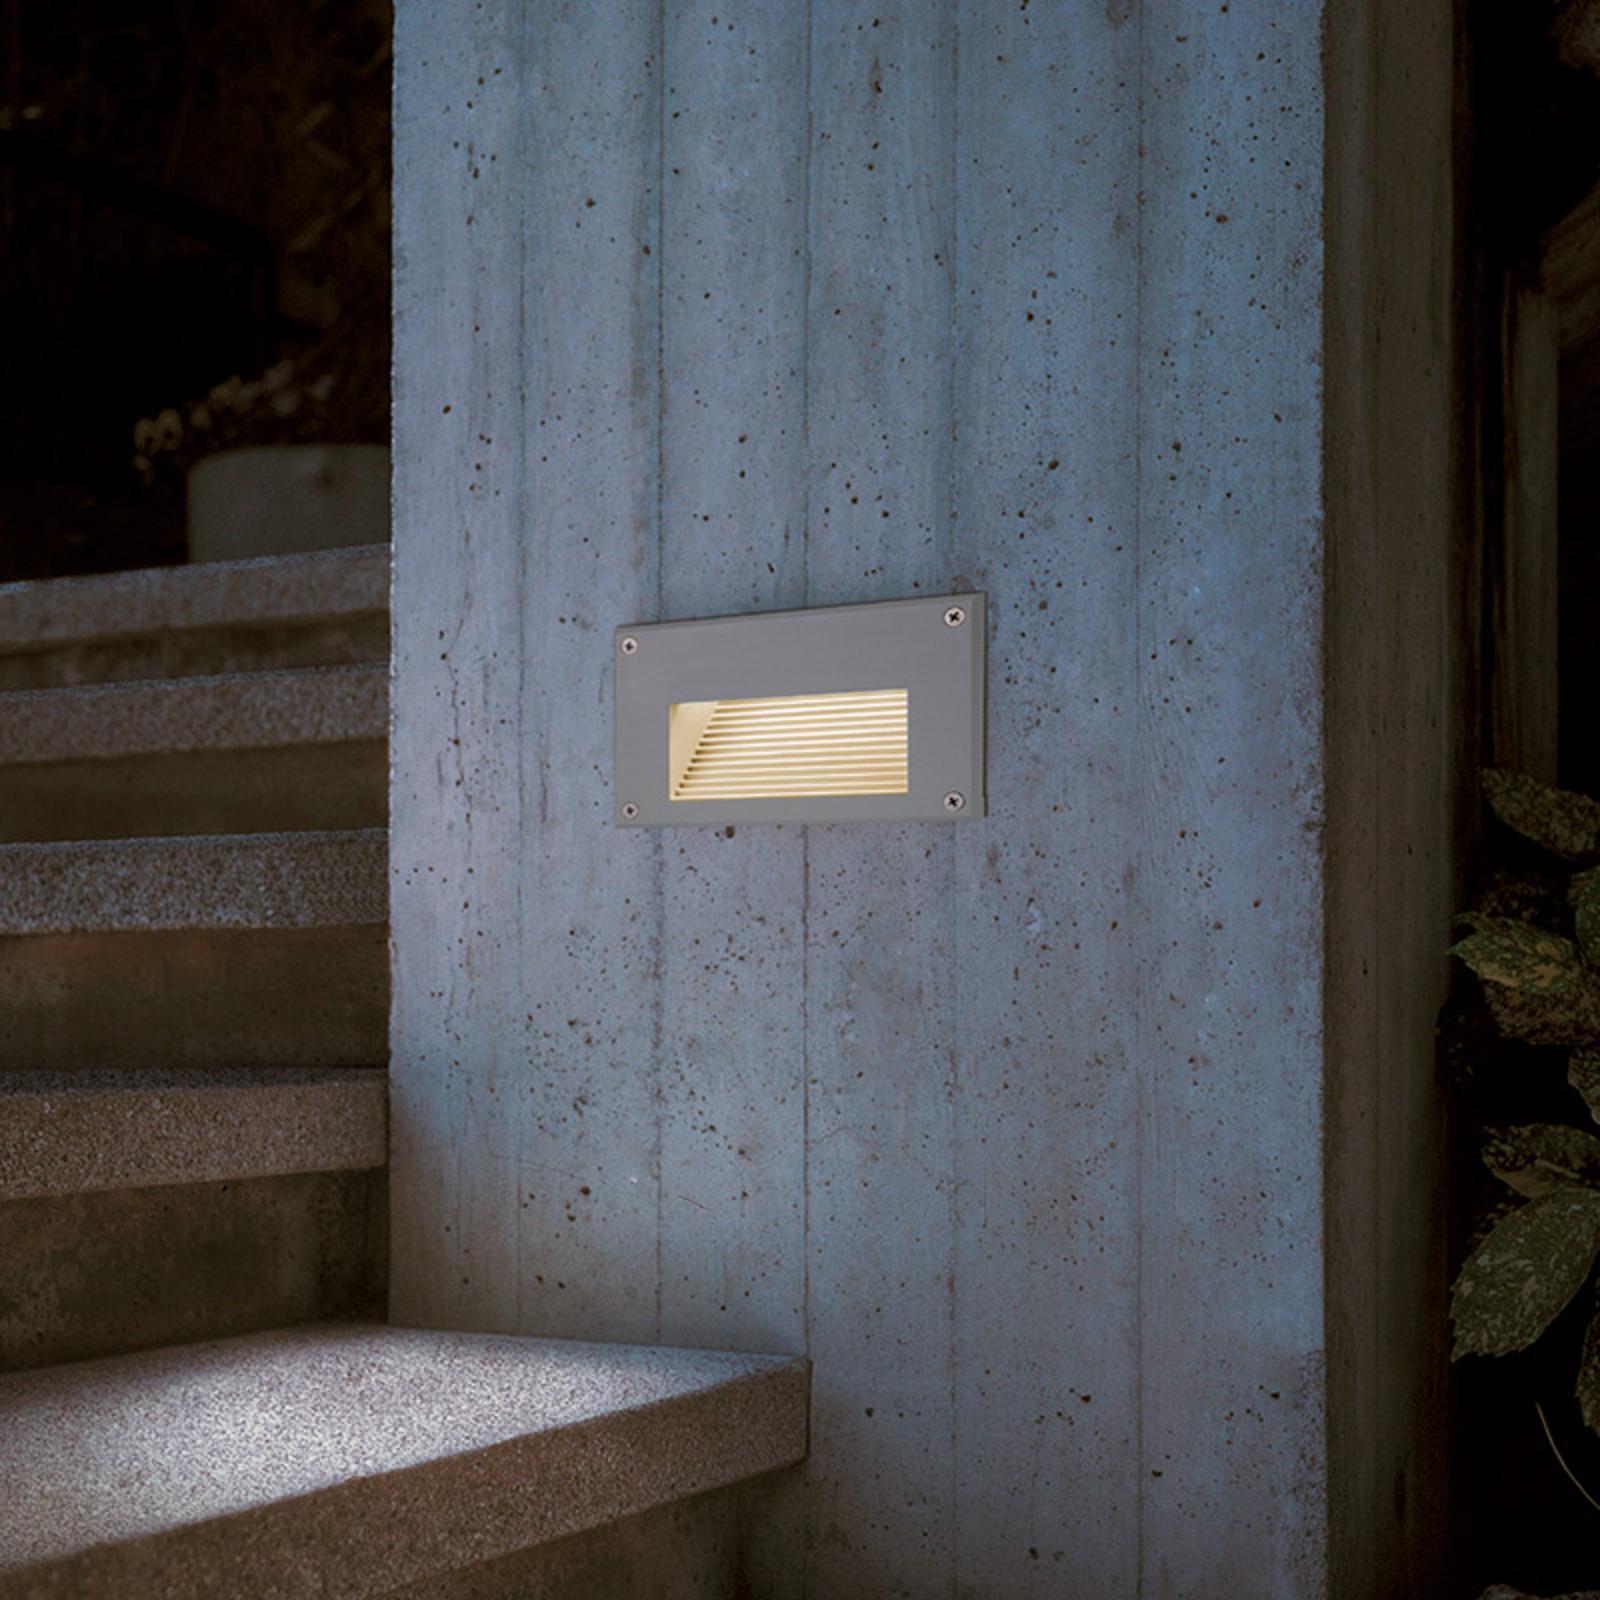 Varmhvit Brick LED Downunder innfelt vegglampe